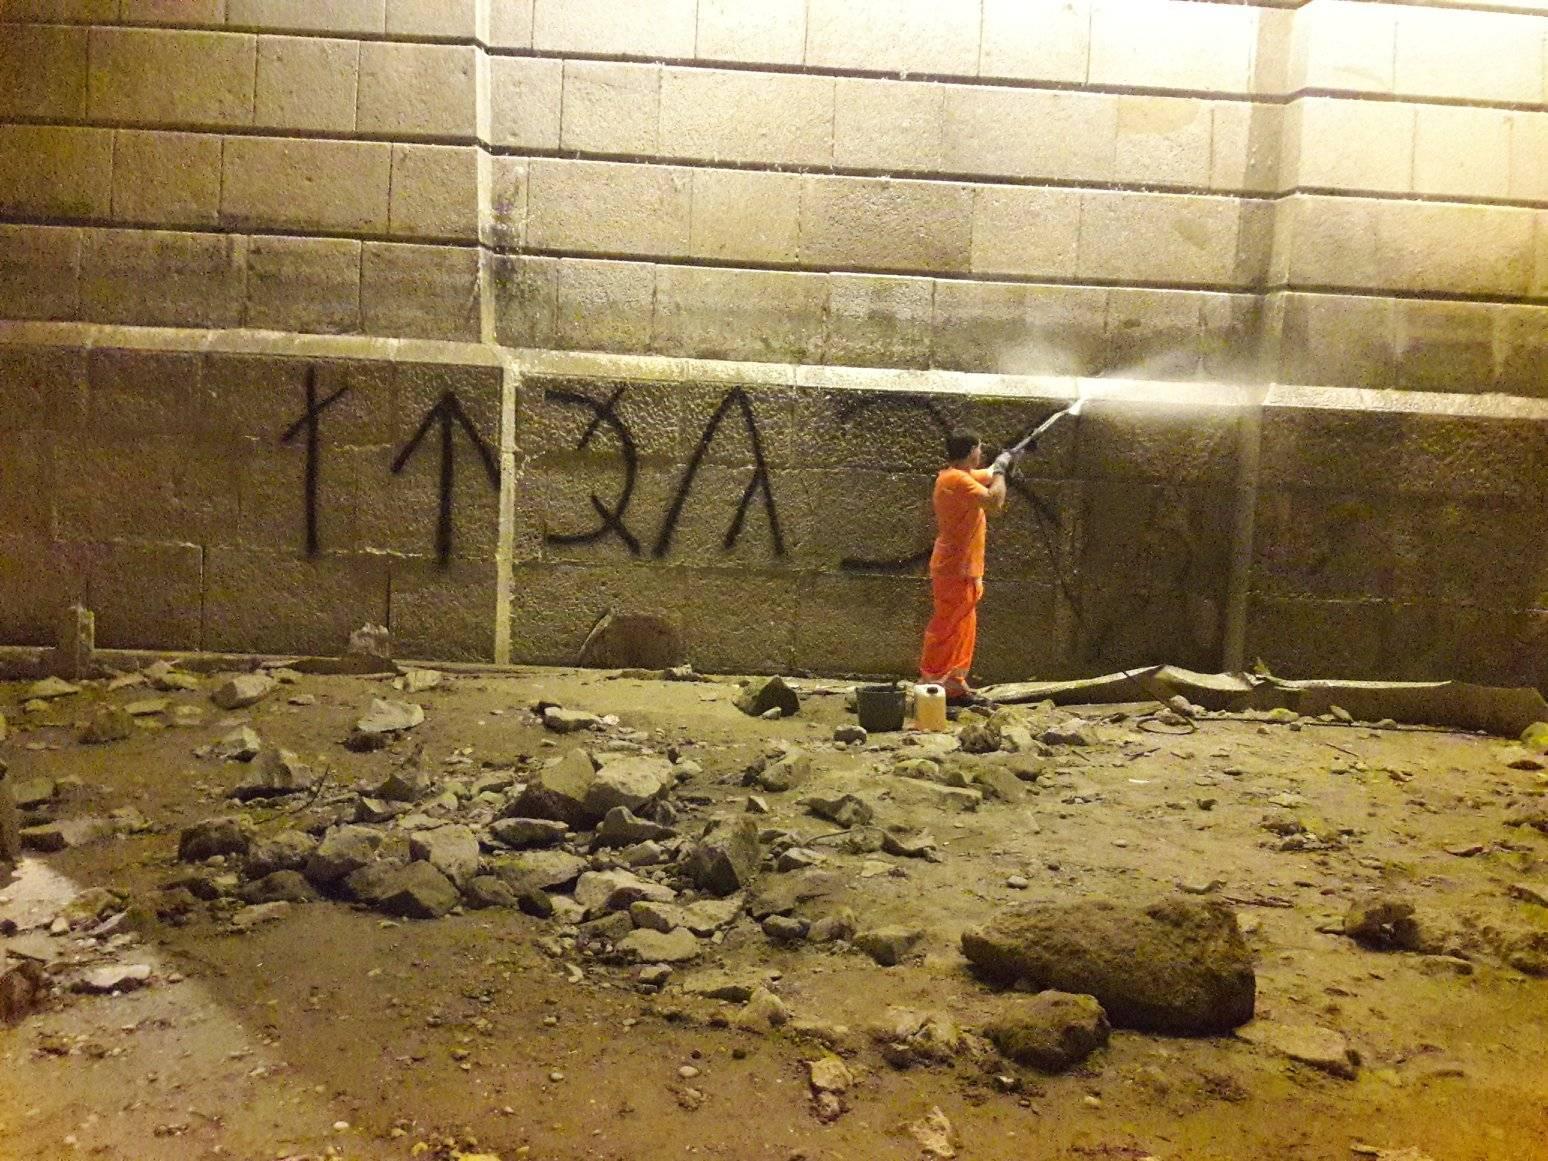 Miután kiderült, hogy a Margit hídra felfújt rovásírás Orbánt szidja, hamar letakarították a feliratot